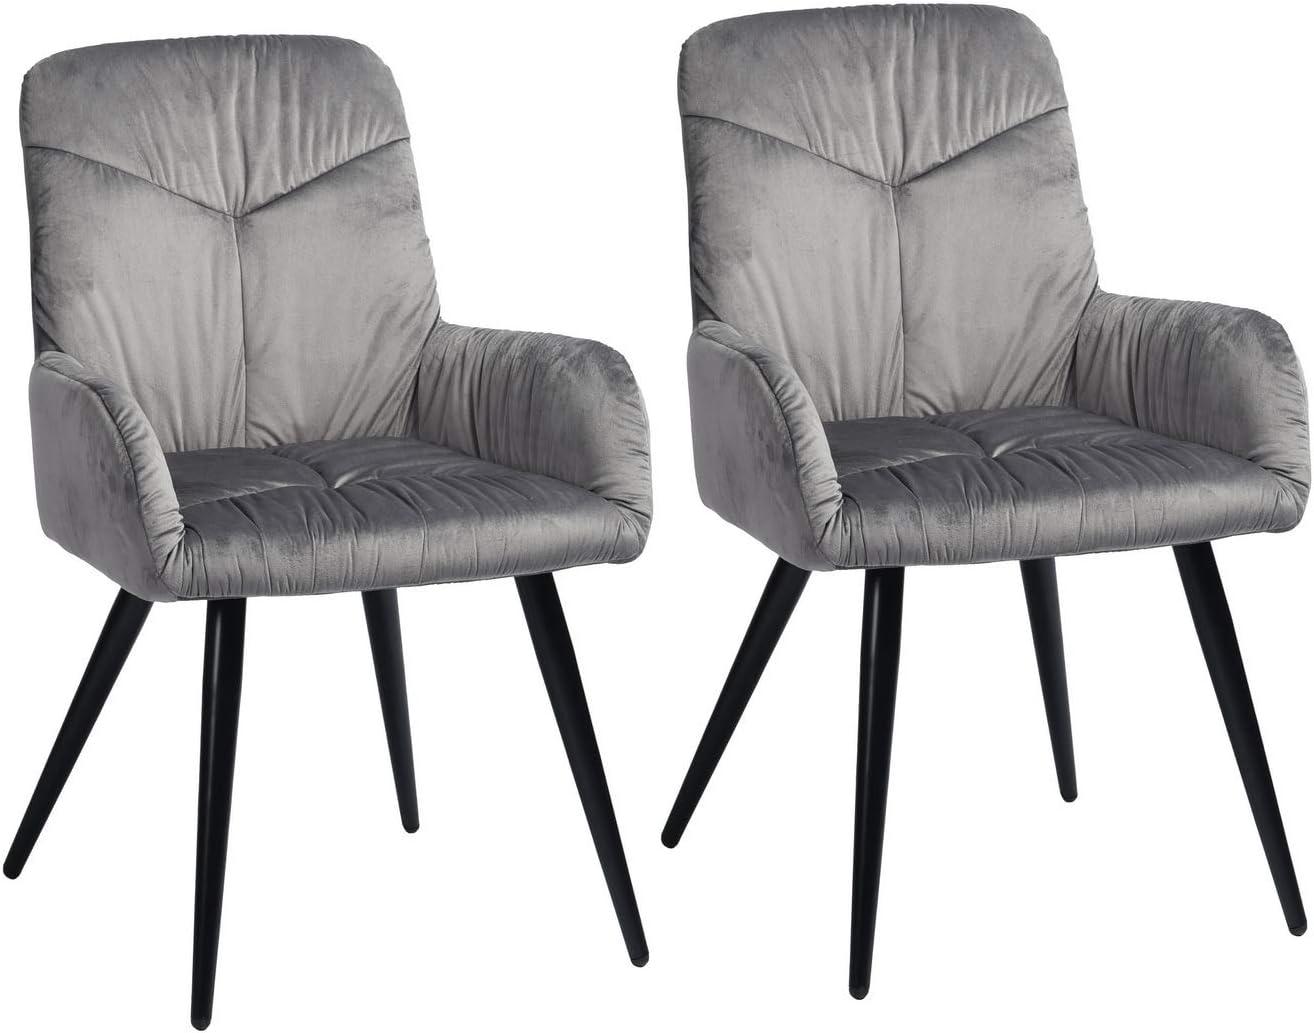 Mueble Cosy – Juego de 2 sillas de Comedor escandinavas – Sillón de Terciopelo y Patas de Metal Gris, 56 x 60 x 88,5 cm